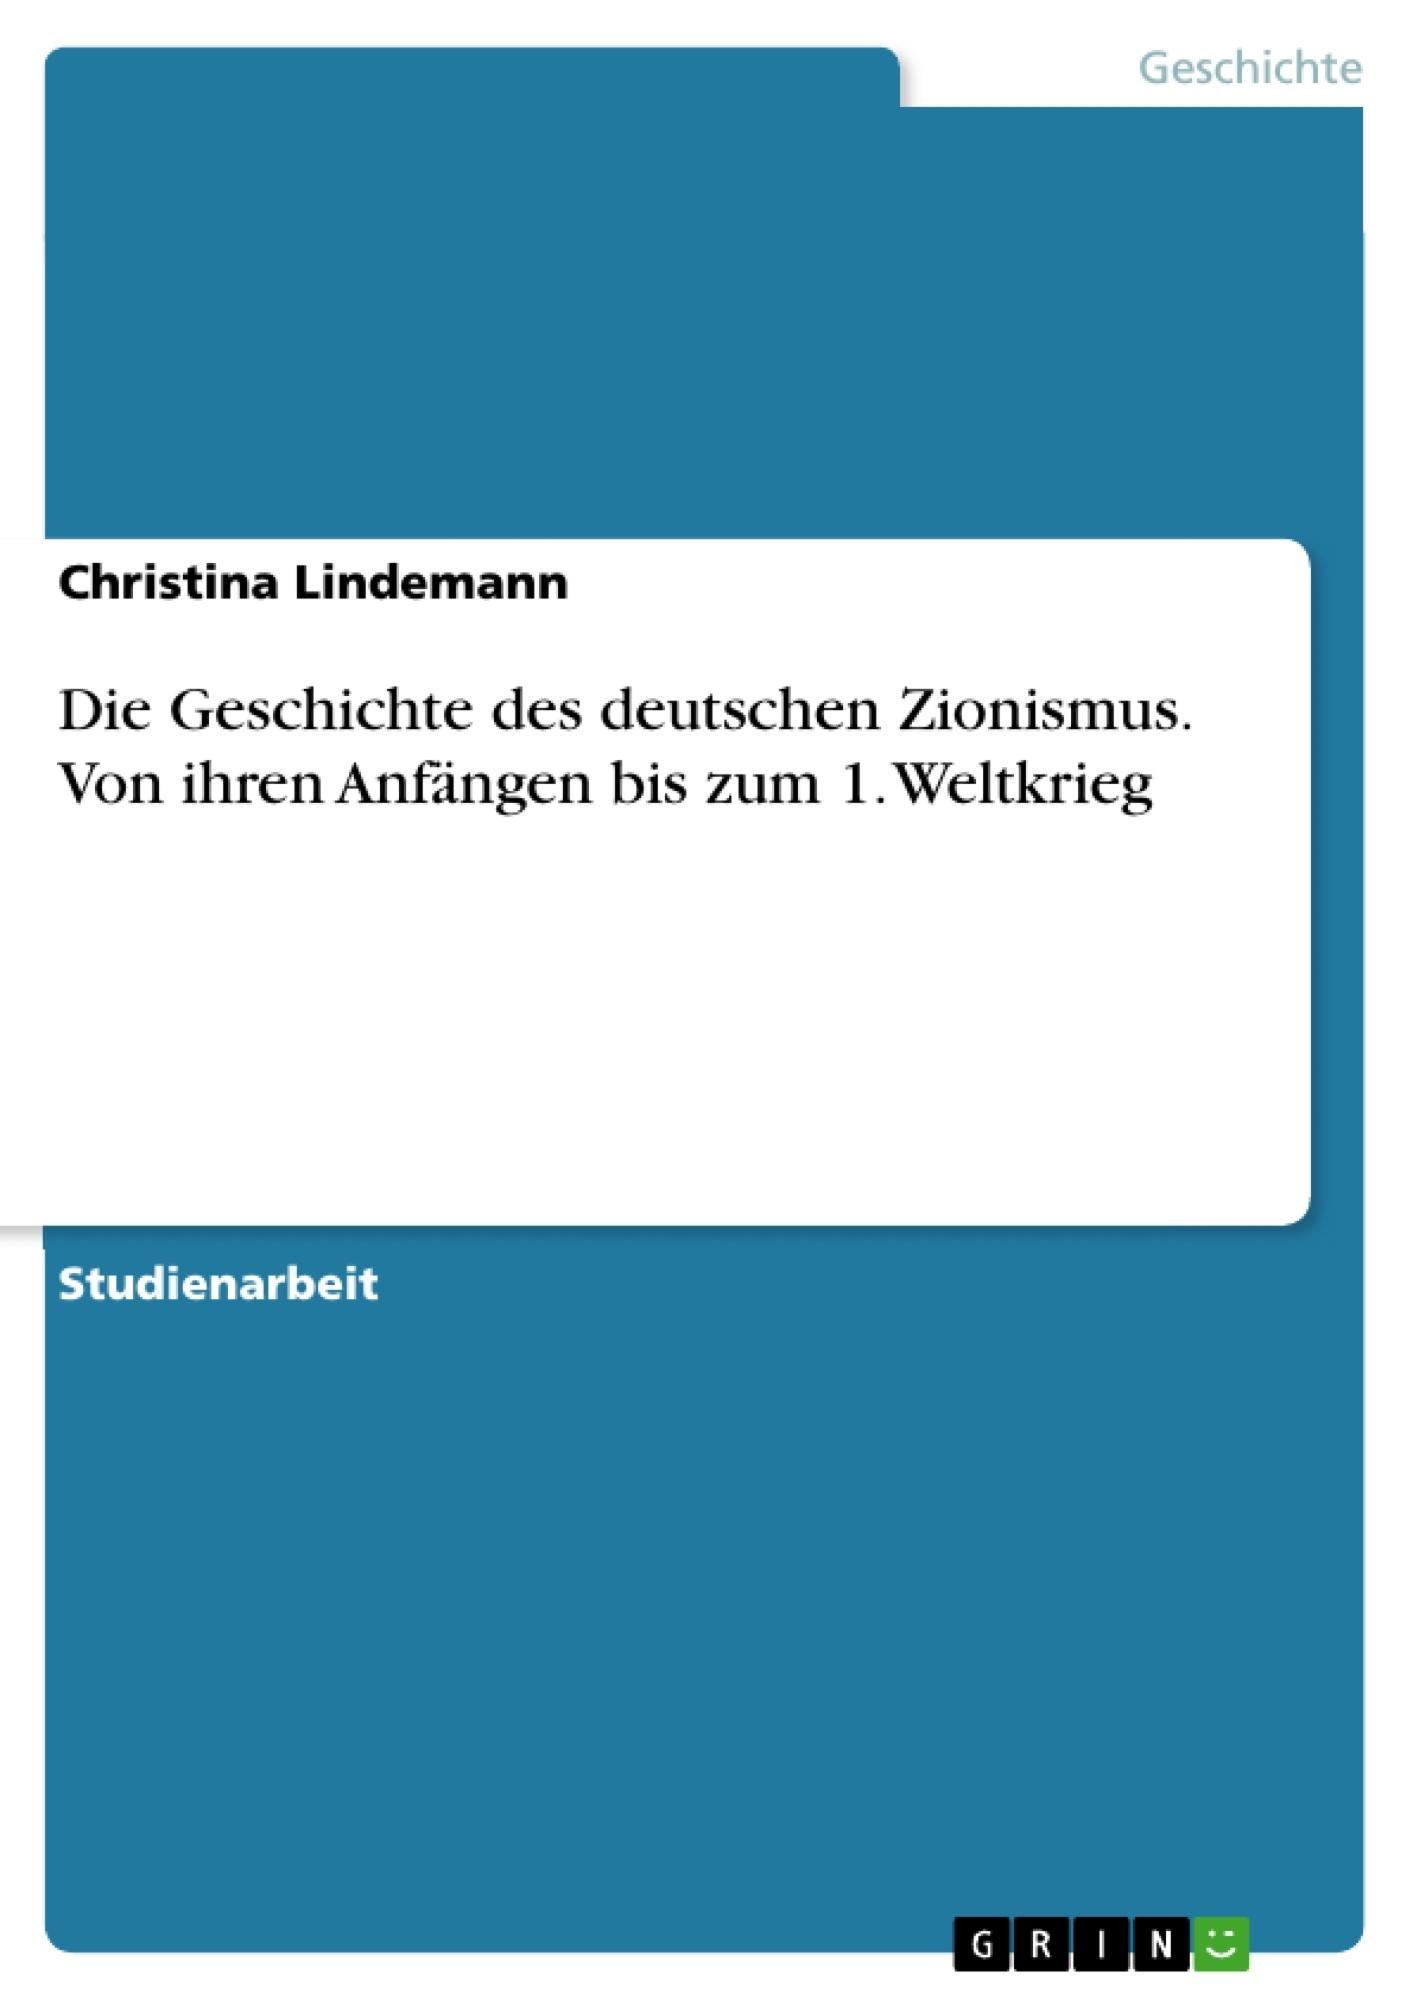 Titel: Die Geschichte des deutschen Zionismus. Von ihren Anfängen bis zum 1. Weltkrieg